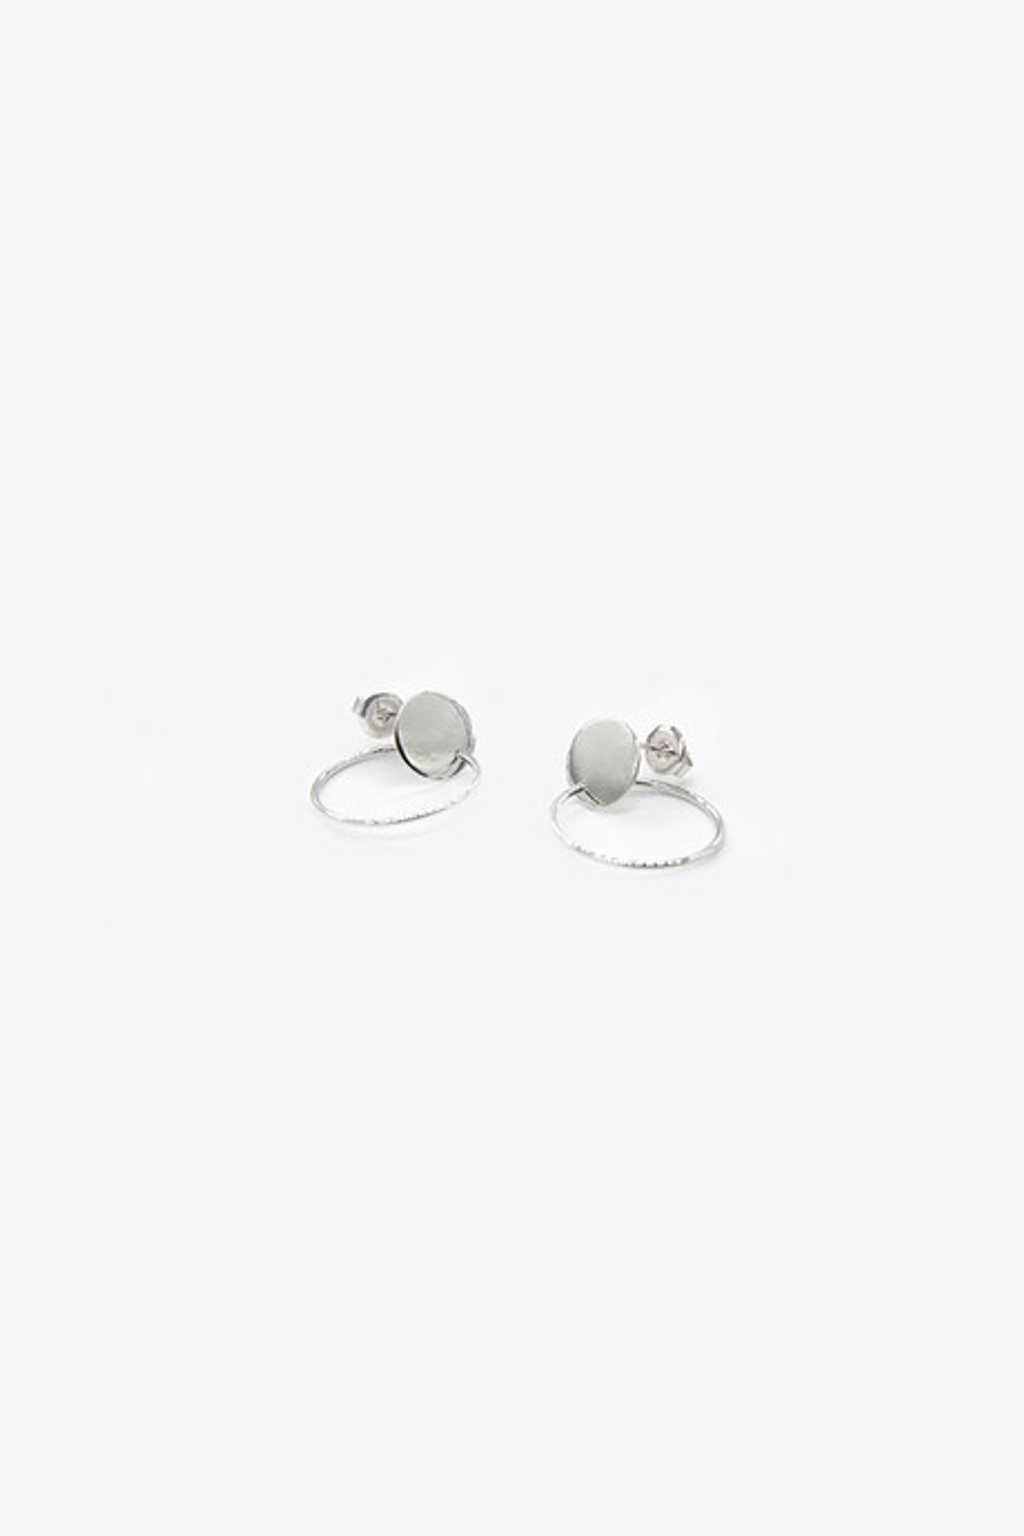 Earring H043 Silver 1